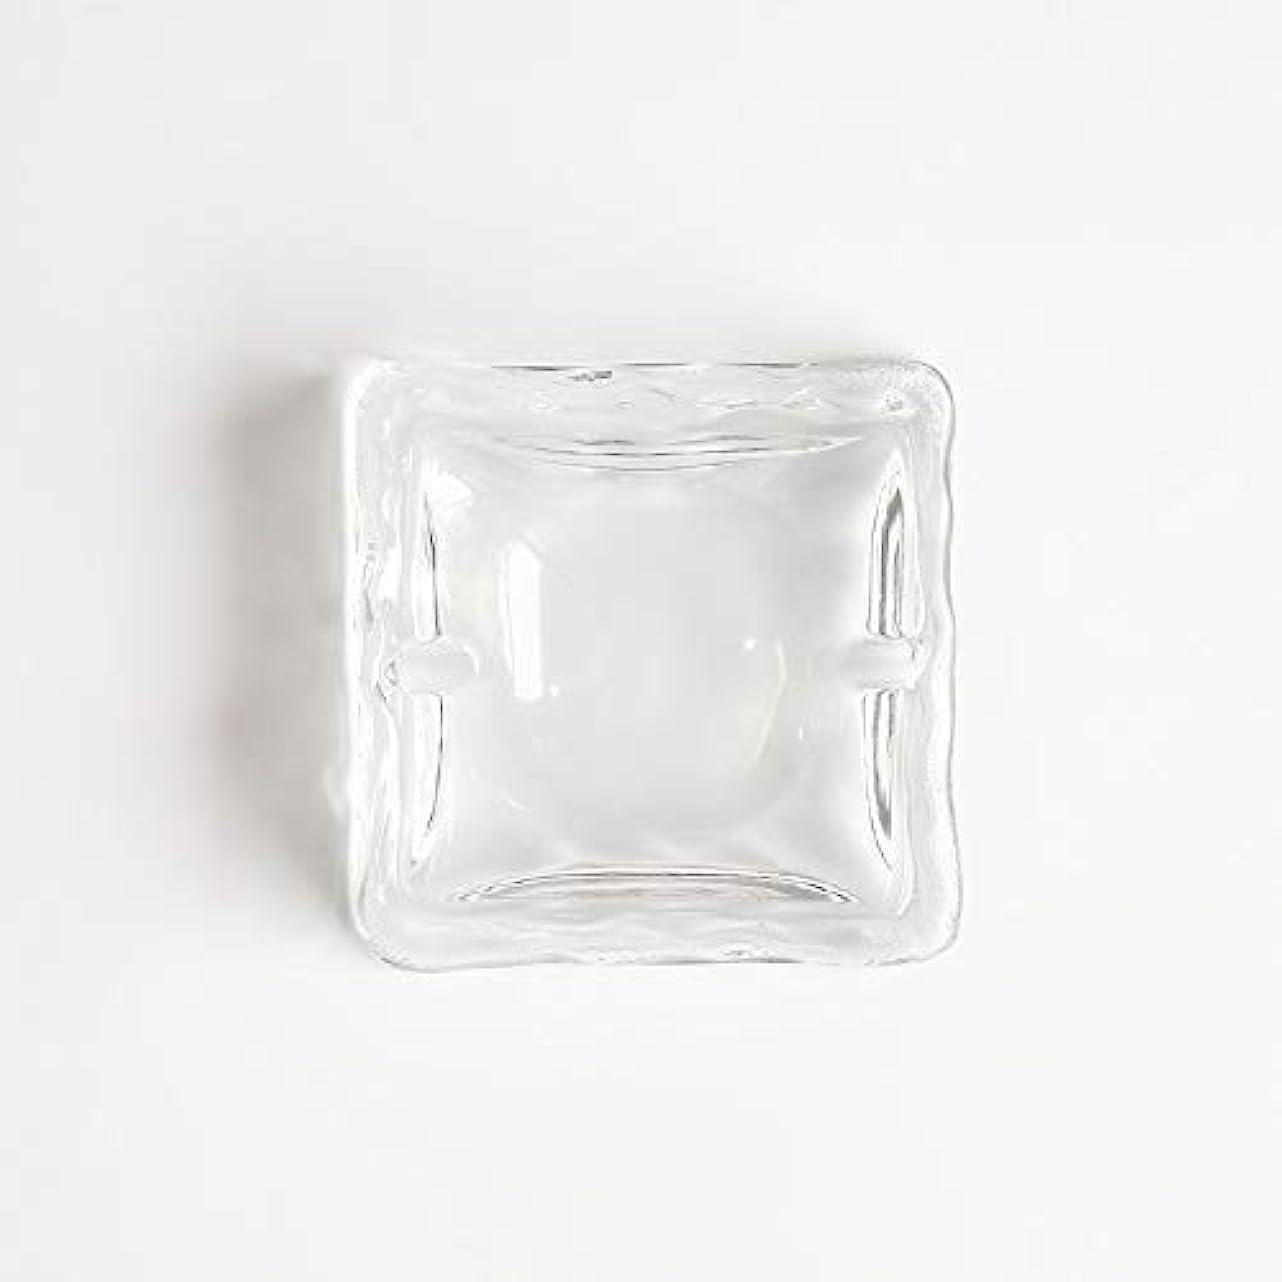 アンプ予見する趣味クリエイティブ屋外セラミックス灰皿ホームオフィスの卓上美しい装飾工芸品 (色 : クリア)